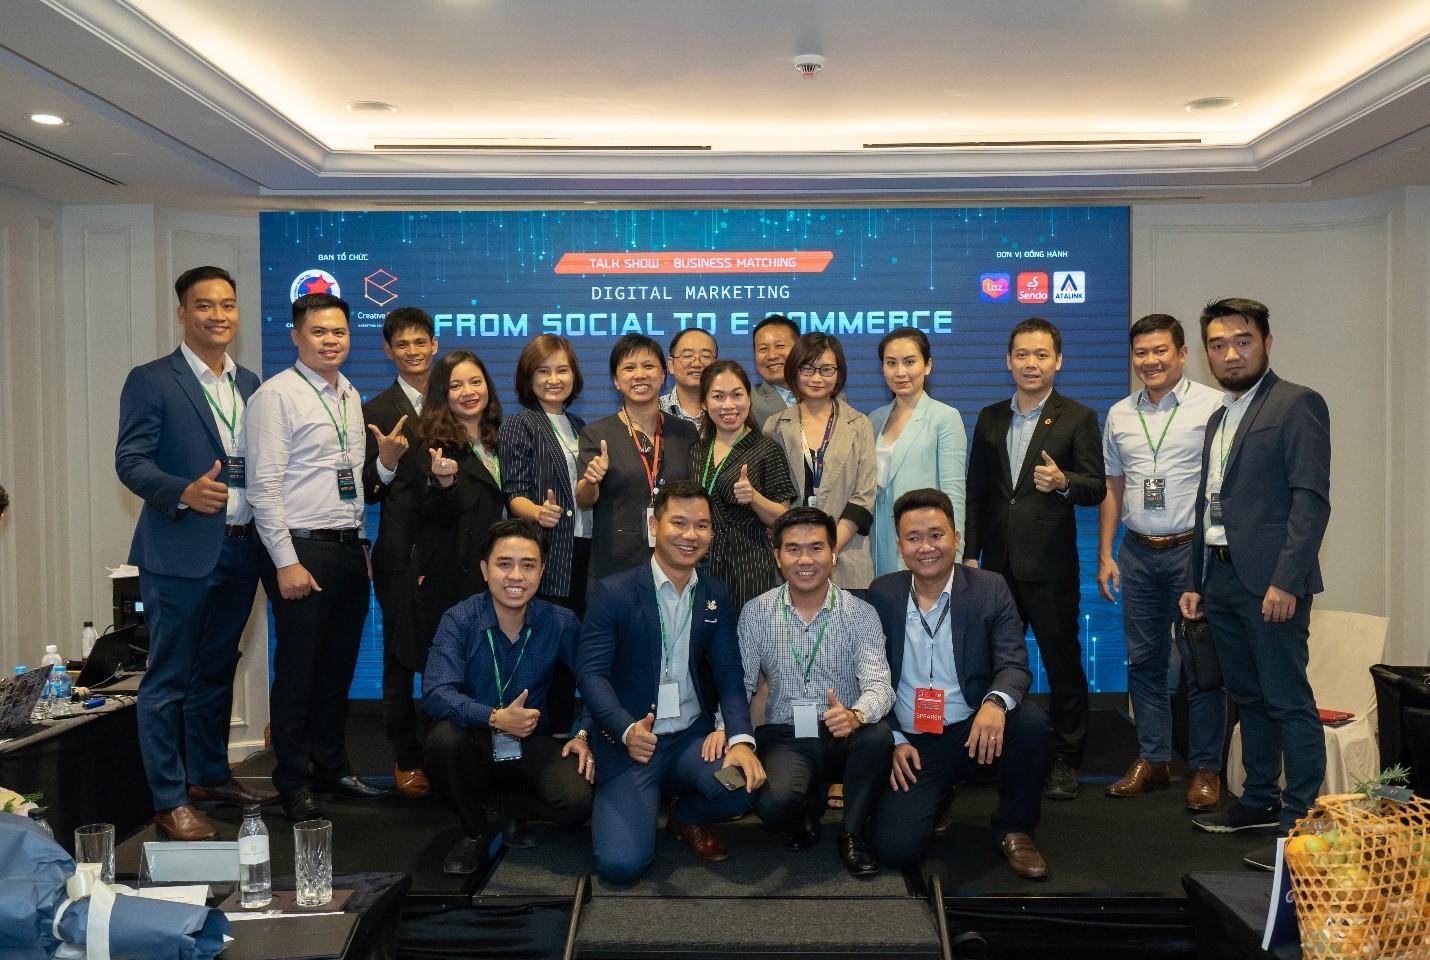 Buổi tọa đàm - kết nối doanh nghiệp: Giải pháp cho bài toán ứng dụng Marketing kỹ thuật số vào kinh doanh 6